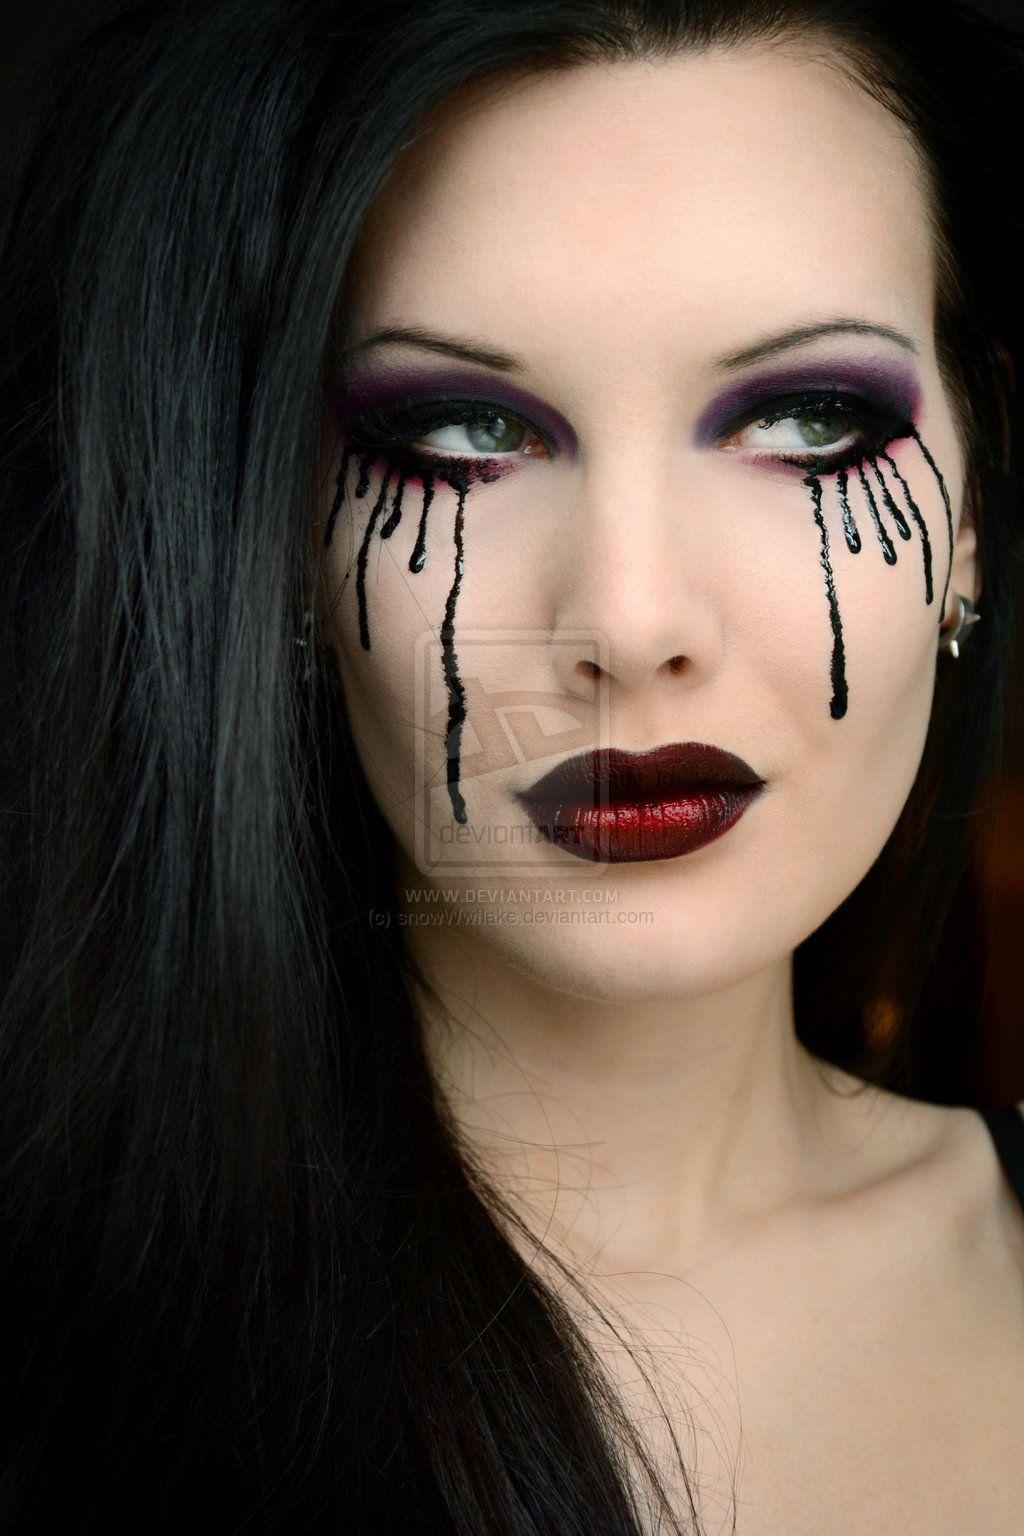 Makeup by Halloween makeup